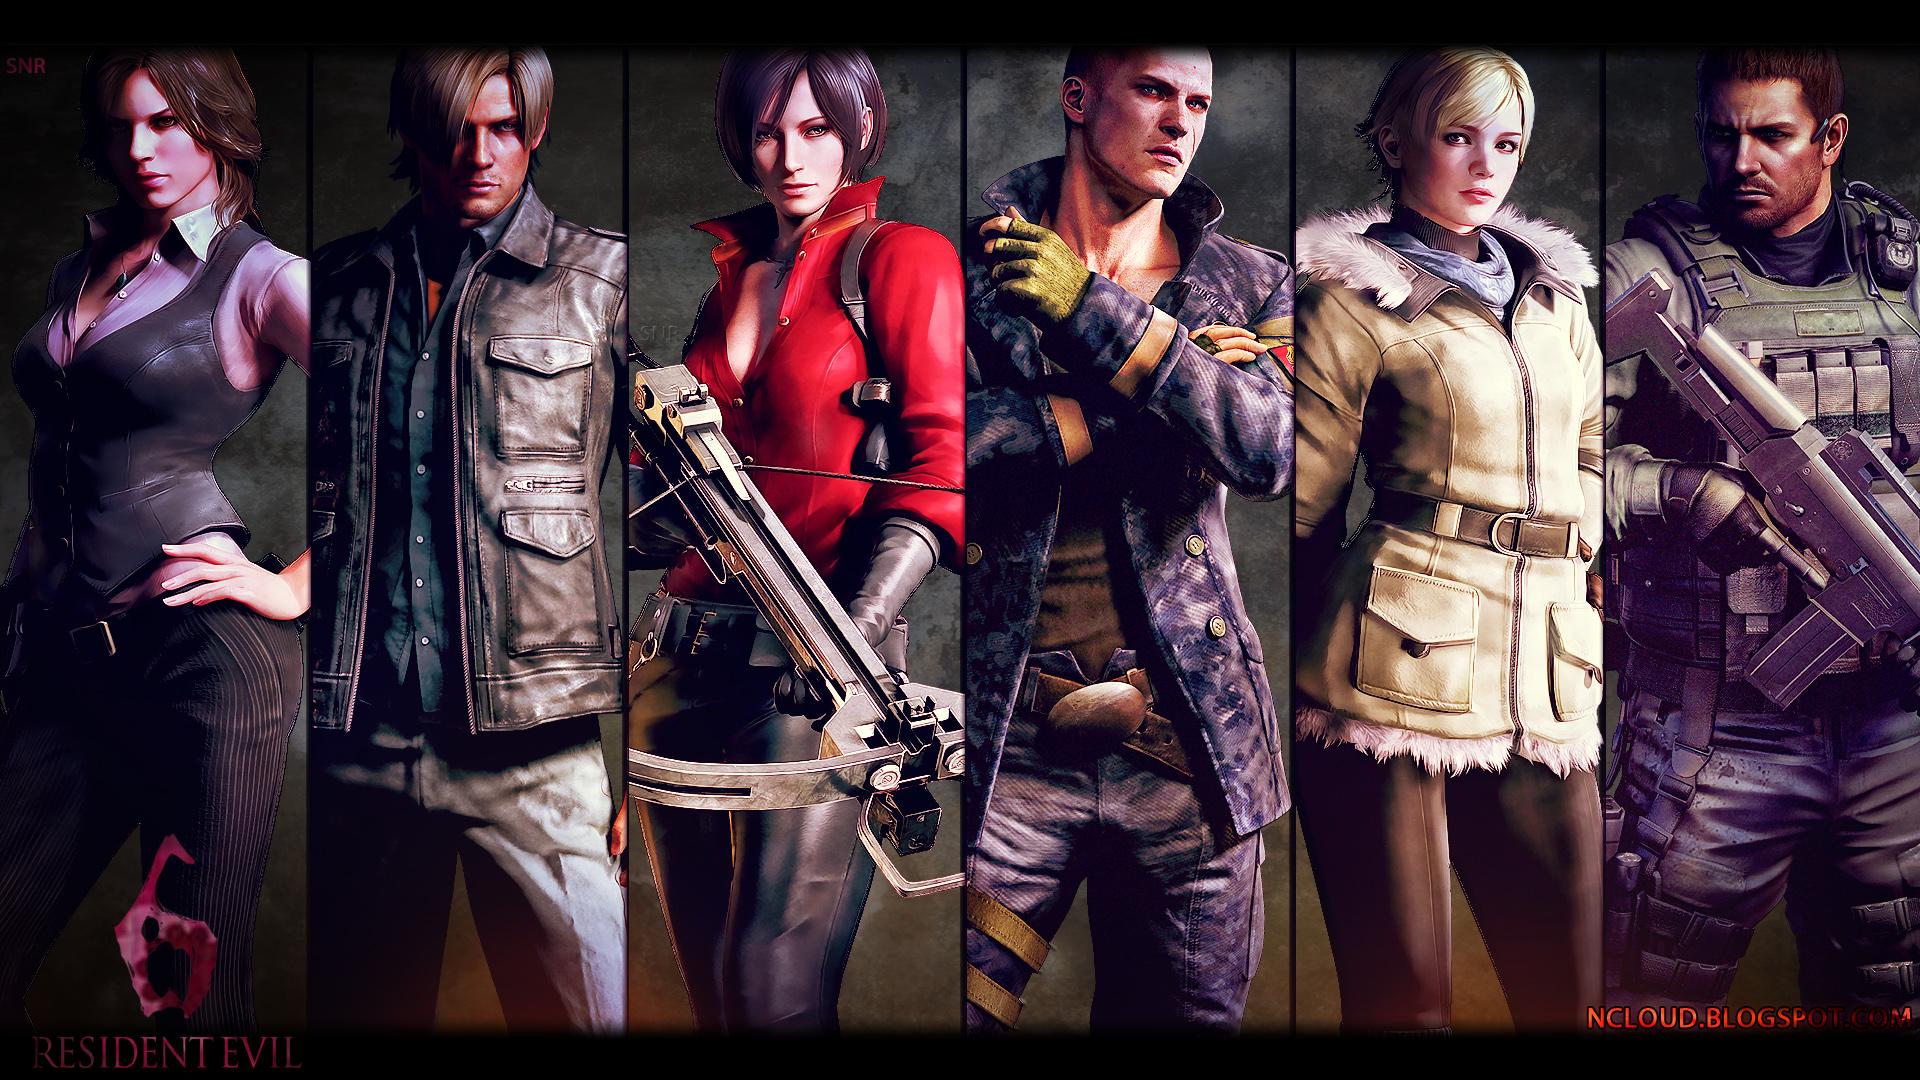 Resident Evil 6 Wallpaper High Quality Resolution - Resident Evil 6 Jogo , HD Wallpaper & Backgrounds